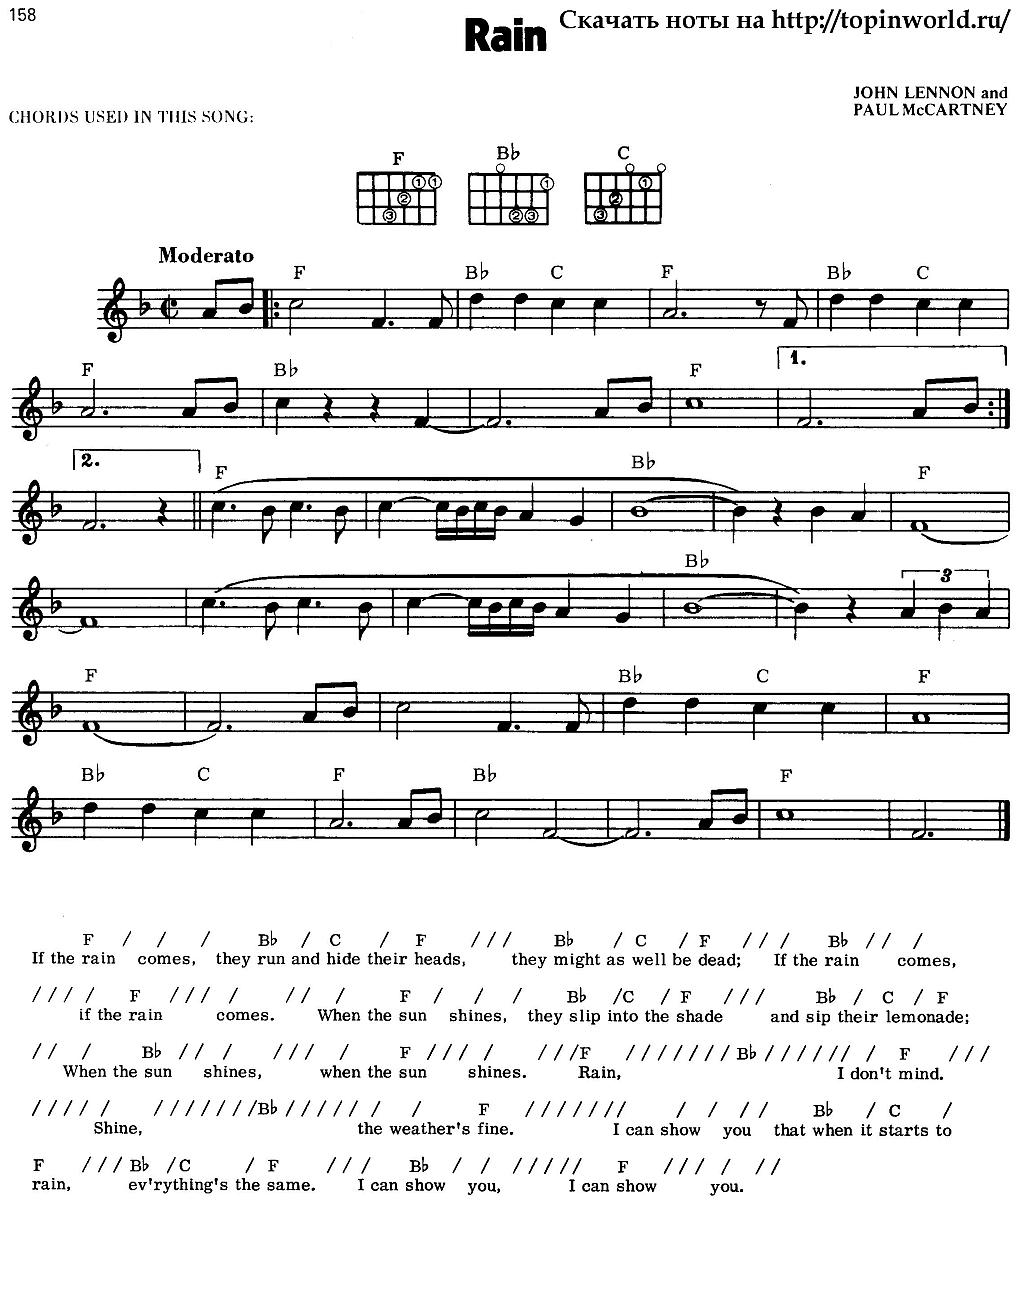 The Beatles Rain слушать онлайн скачать mp3 текст песни перевод ноты аккорды